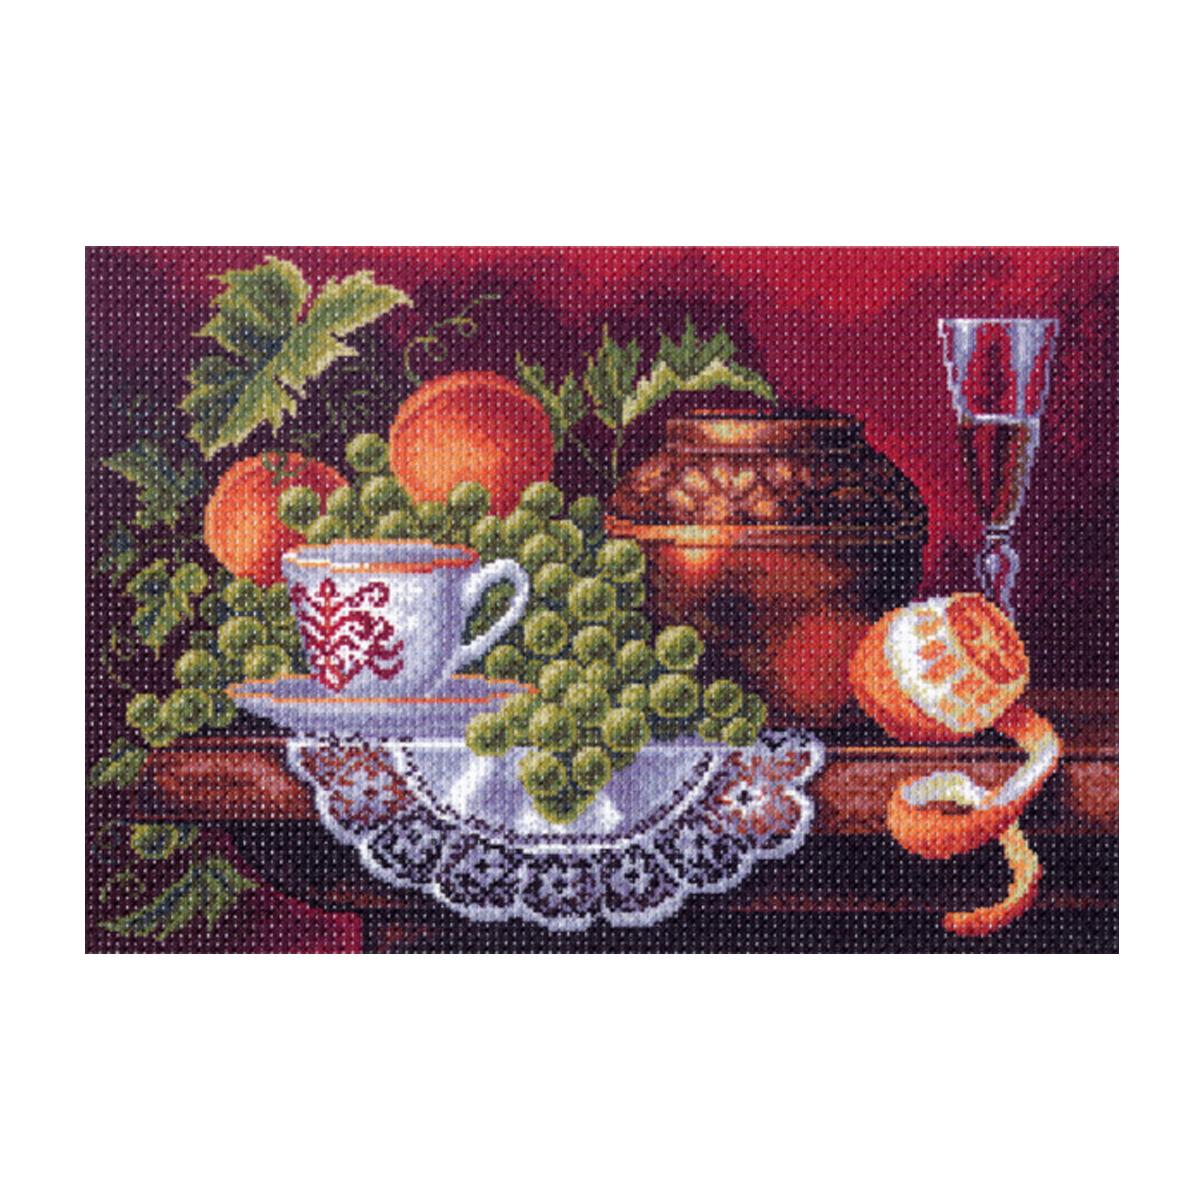 Канва с рисунком Матренин Посад Фруктовый пир, 33 см х 45 см. 1353549917Размер: 33x45 см Рисунок полностью напечатан на канве. Указана цветовая карта ниток. Вышивать рекомендуется мулине в 3 сложения.